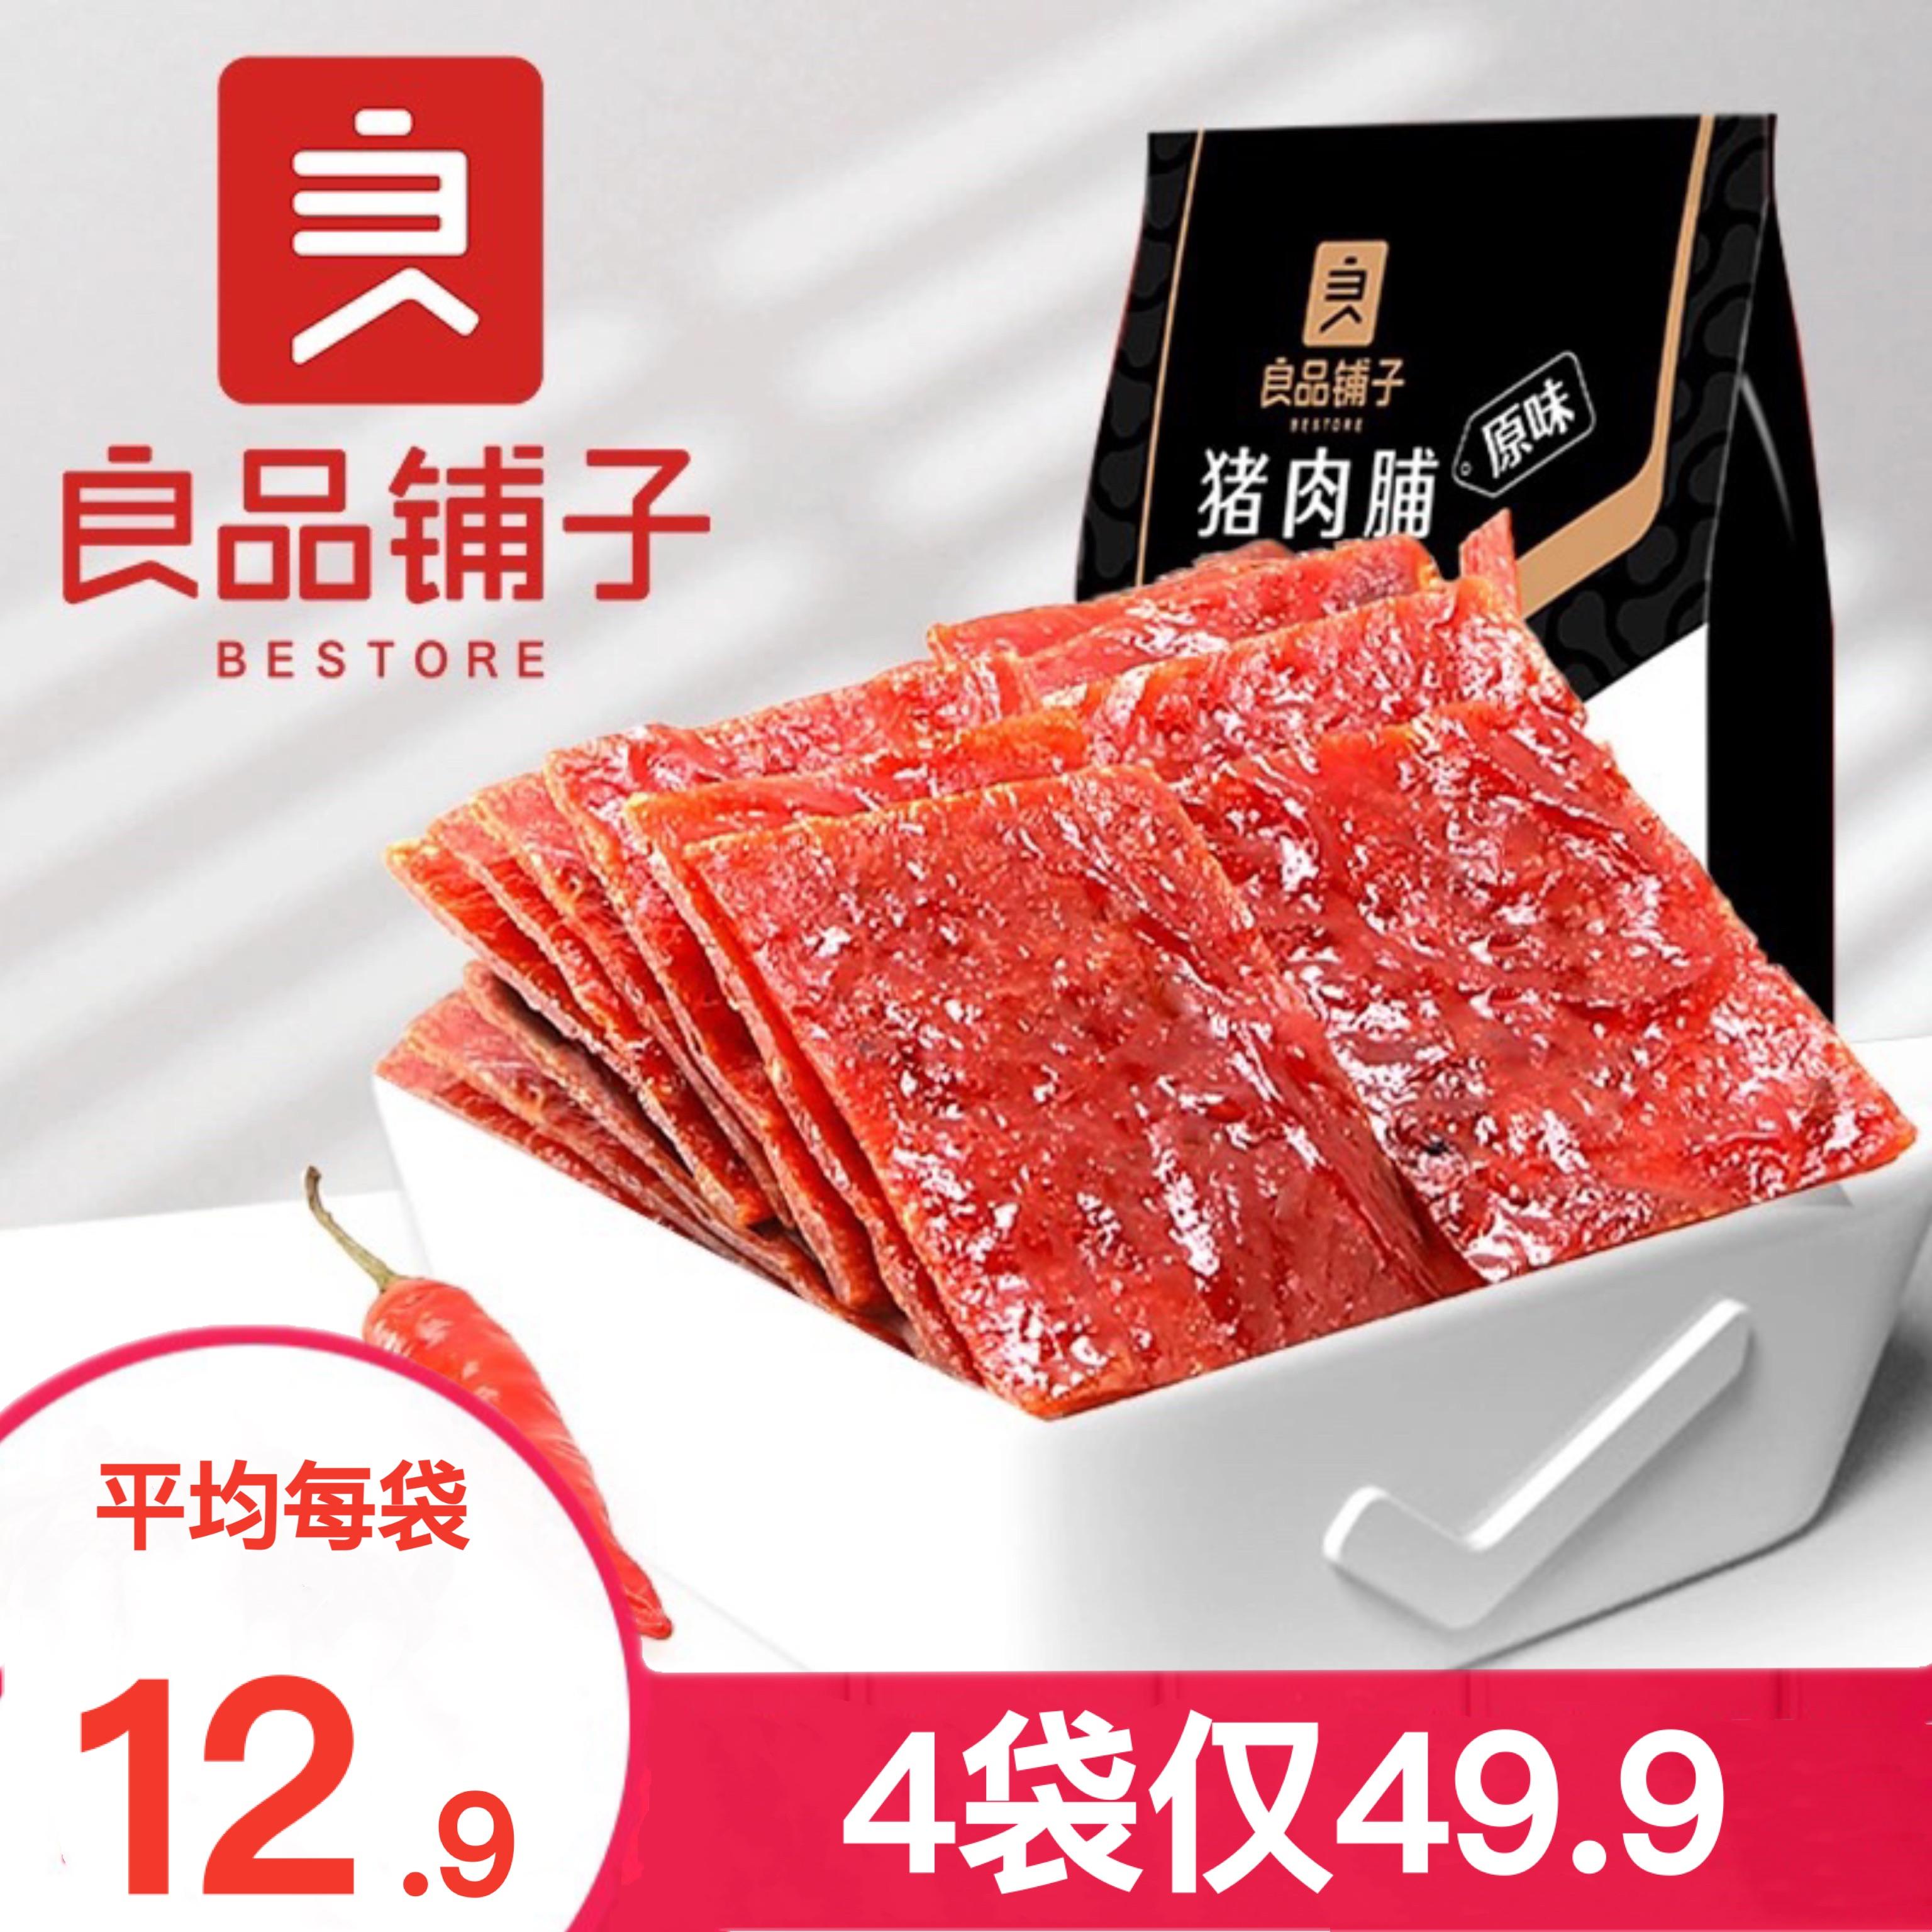 良品铺子猪肉脯200g肉类零食小吃熟食特产猪肉干休闲食品美食